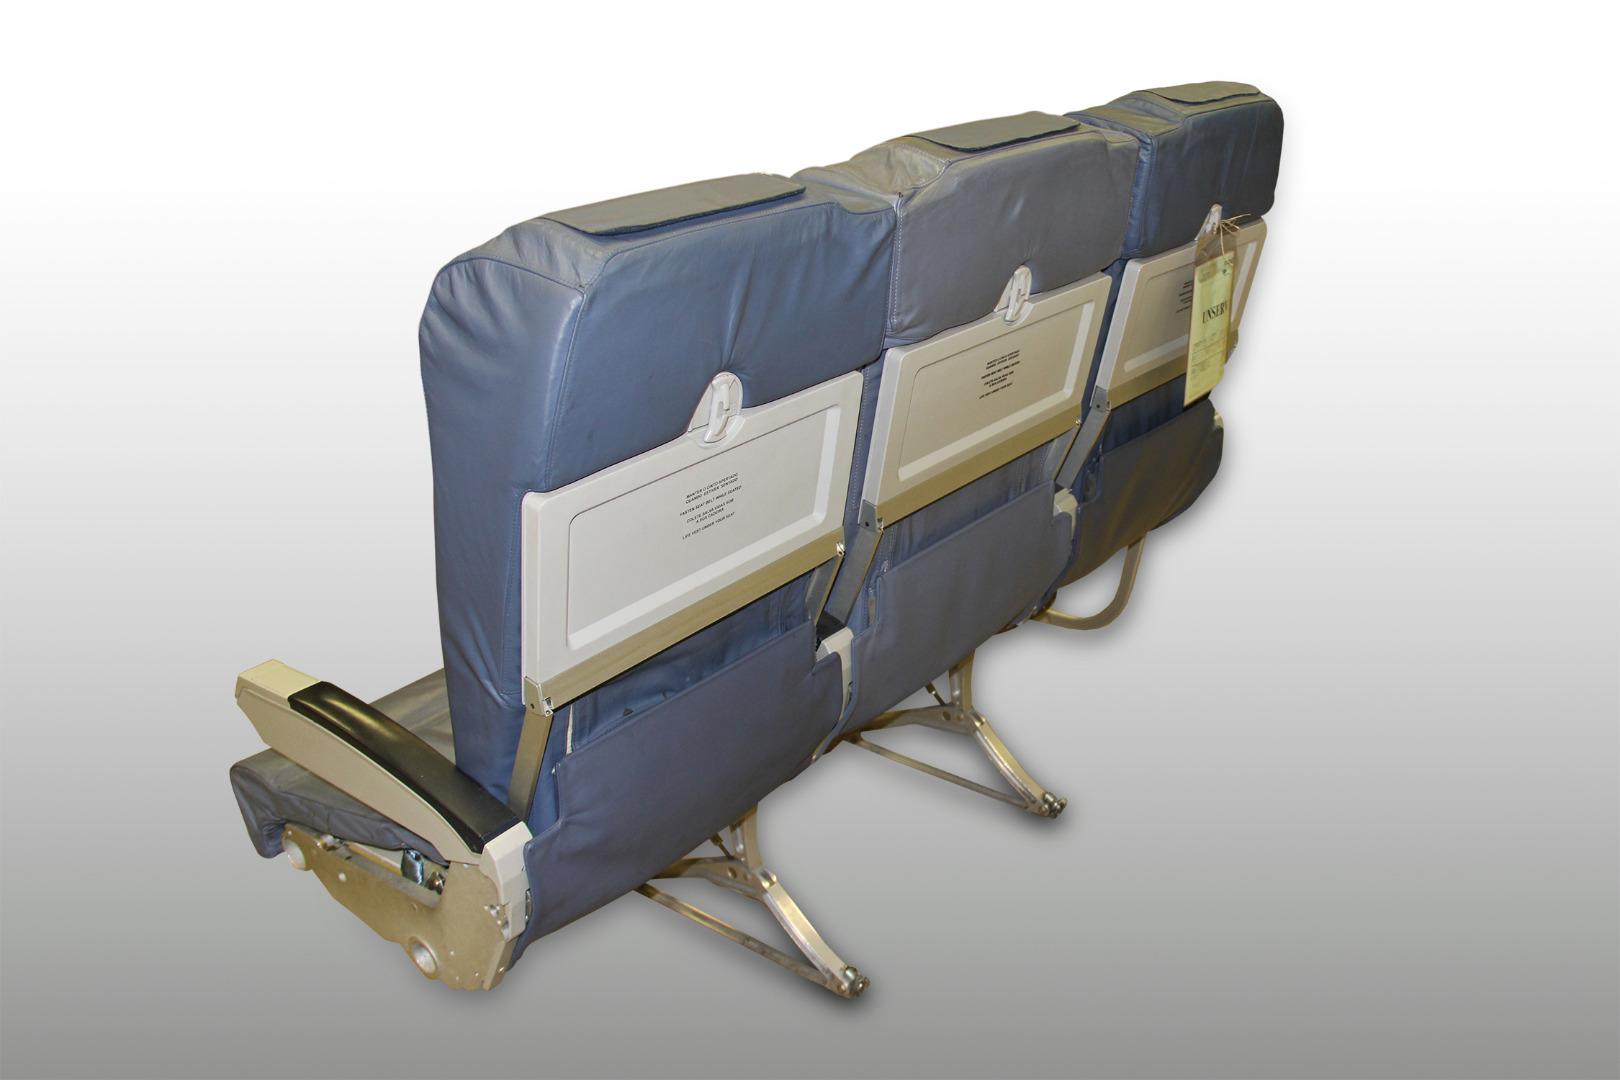 Cadeira tripla de económica do avião A319 TTO da TAP - 27